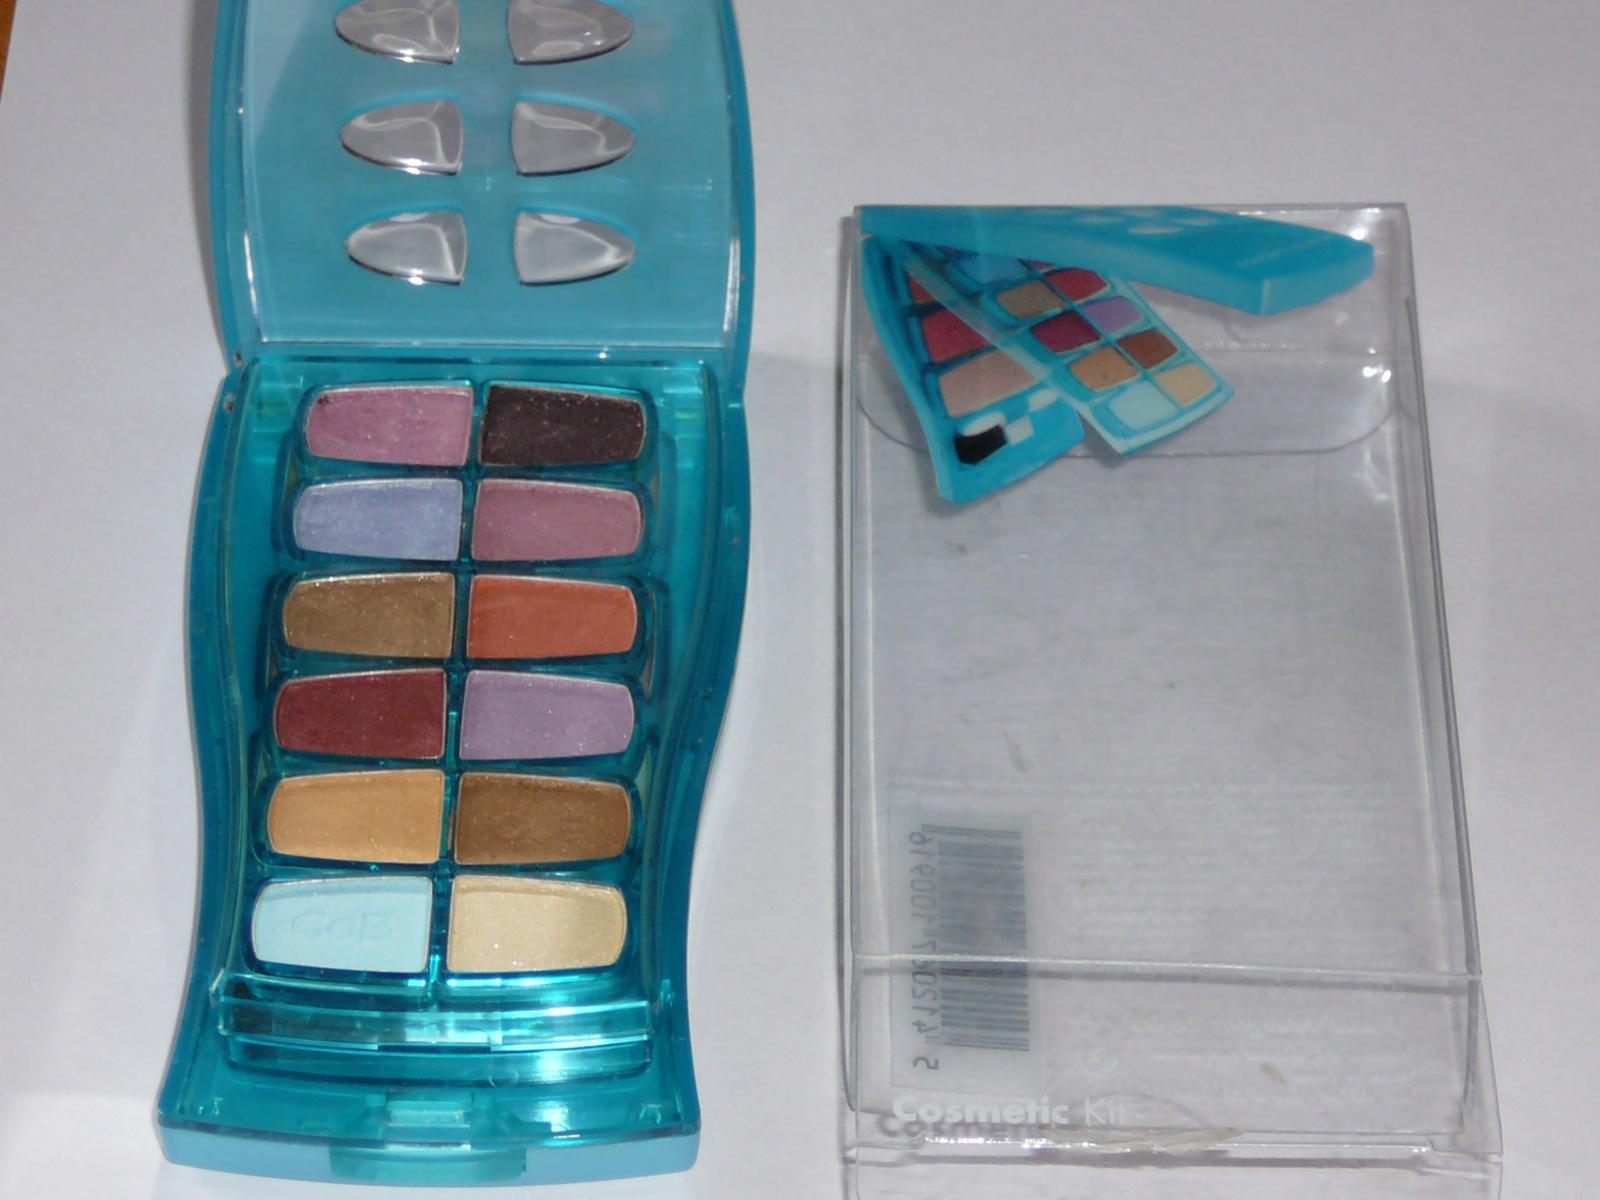 troc de troc palette de maquillage image 1